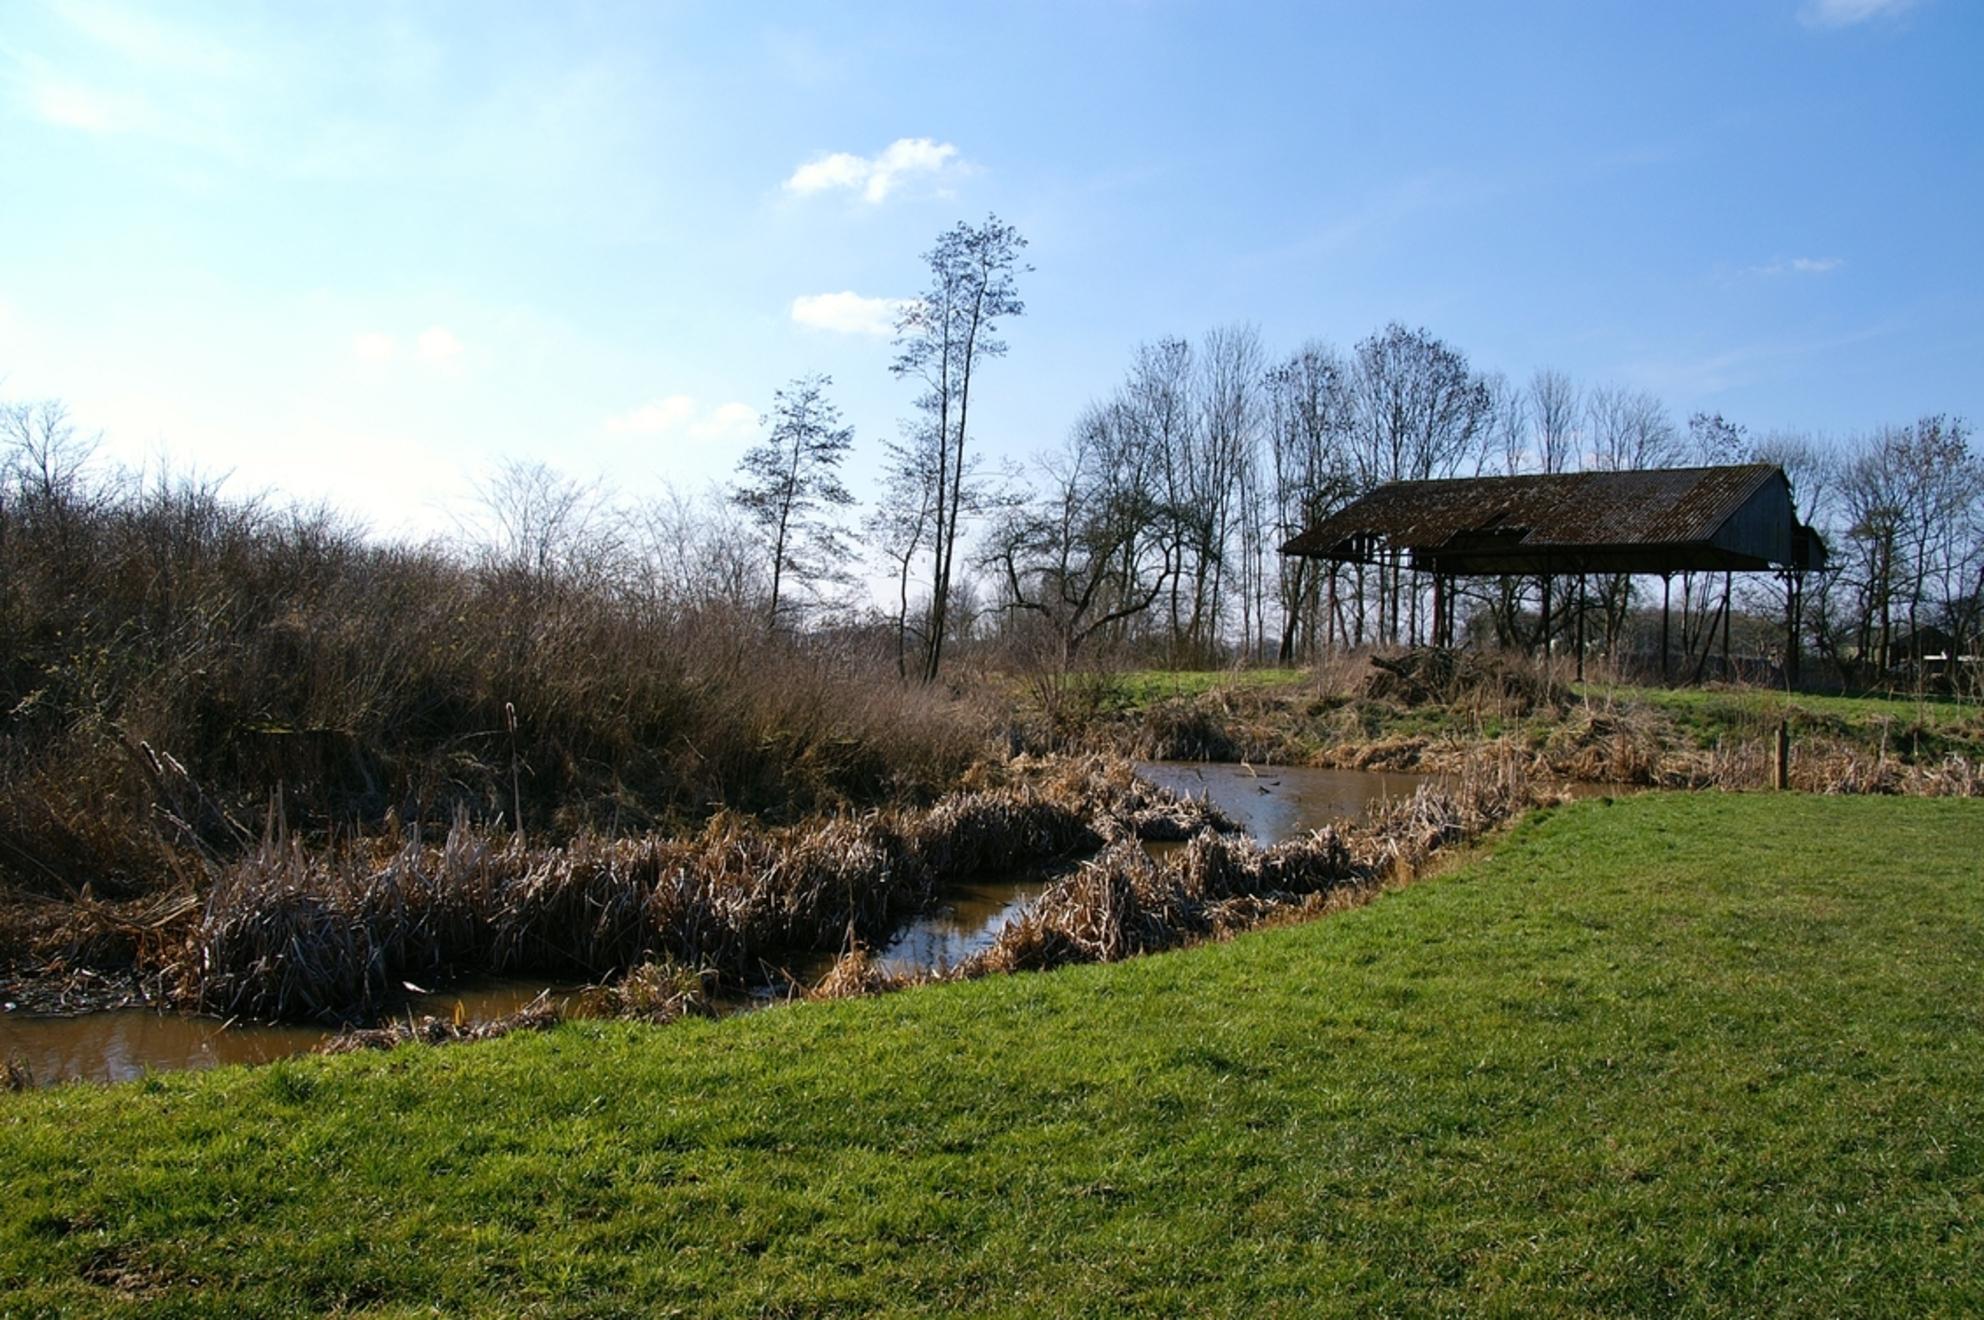 Kasteel Barlham - Het kasteeleiland van het verdwenen kasteel Barlham te Doetinchem. - foto door PetervdWielen op 28-03-2016 - deze foto bevat: water, natuur, kasteel, landschap, bomen - Deze foto mag gebruikt worden in een Zoom.nl publicatie